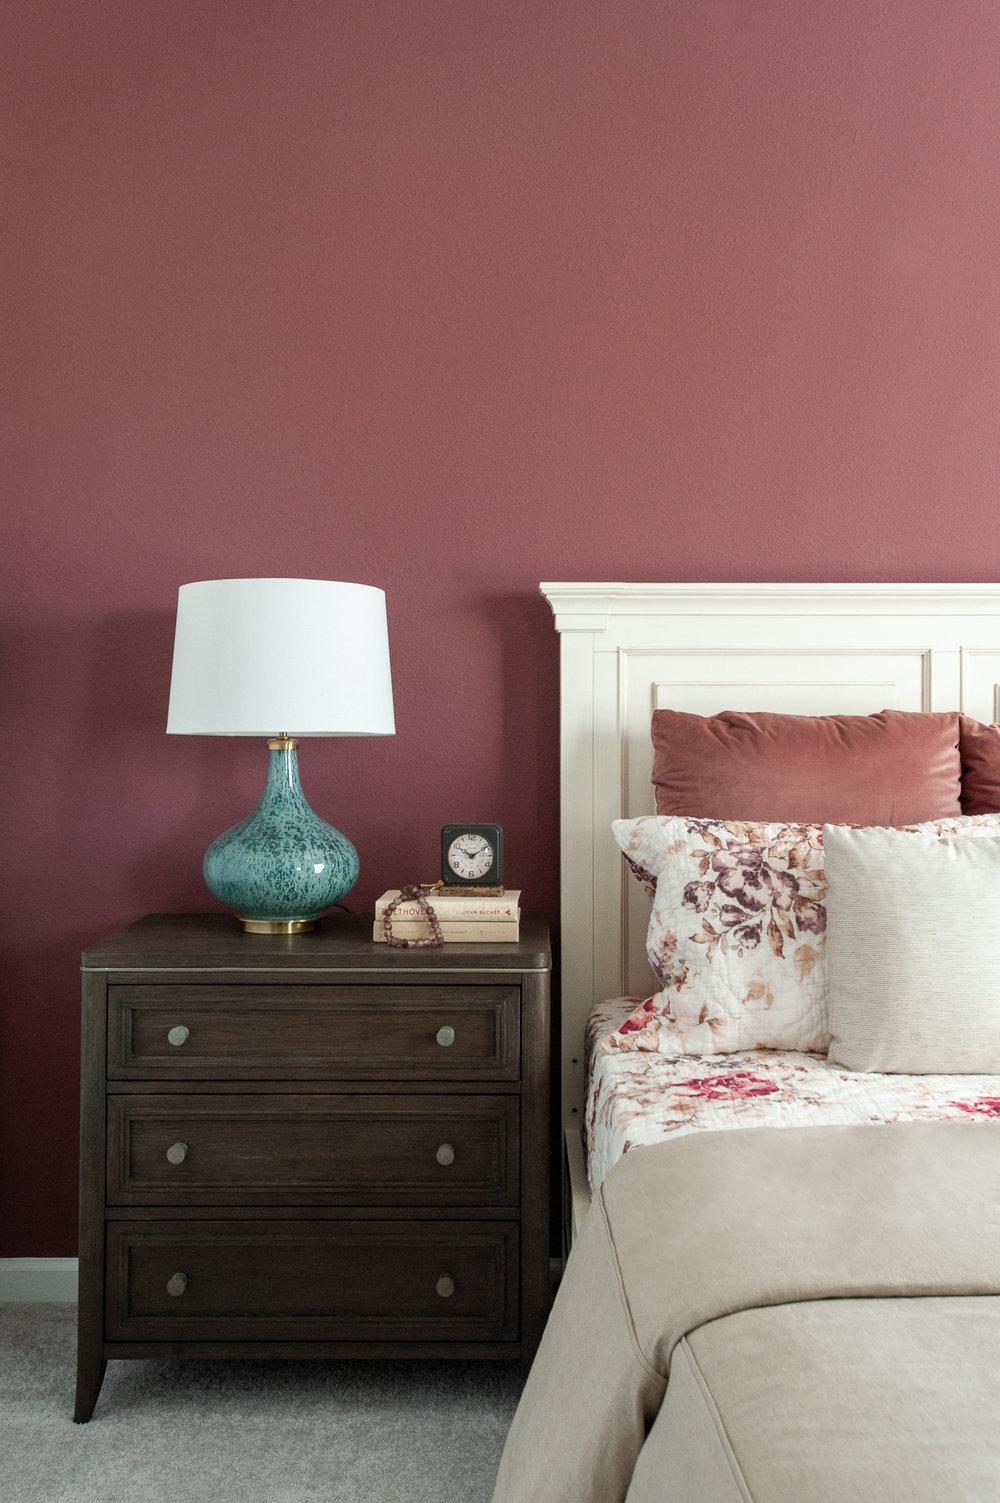 Micamy_Interior Designer_Design_Interior_Model_Merchandising_Guest Bedroom_Accent Wall_Uttemrost_UniversalFurniture_Schumacher_AmityBedding_Lennar_Blog_Blue.jpg